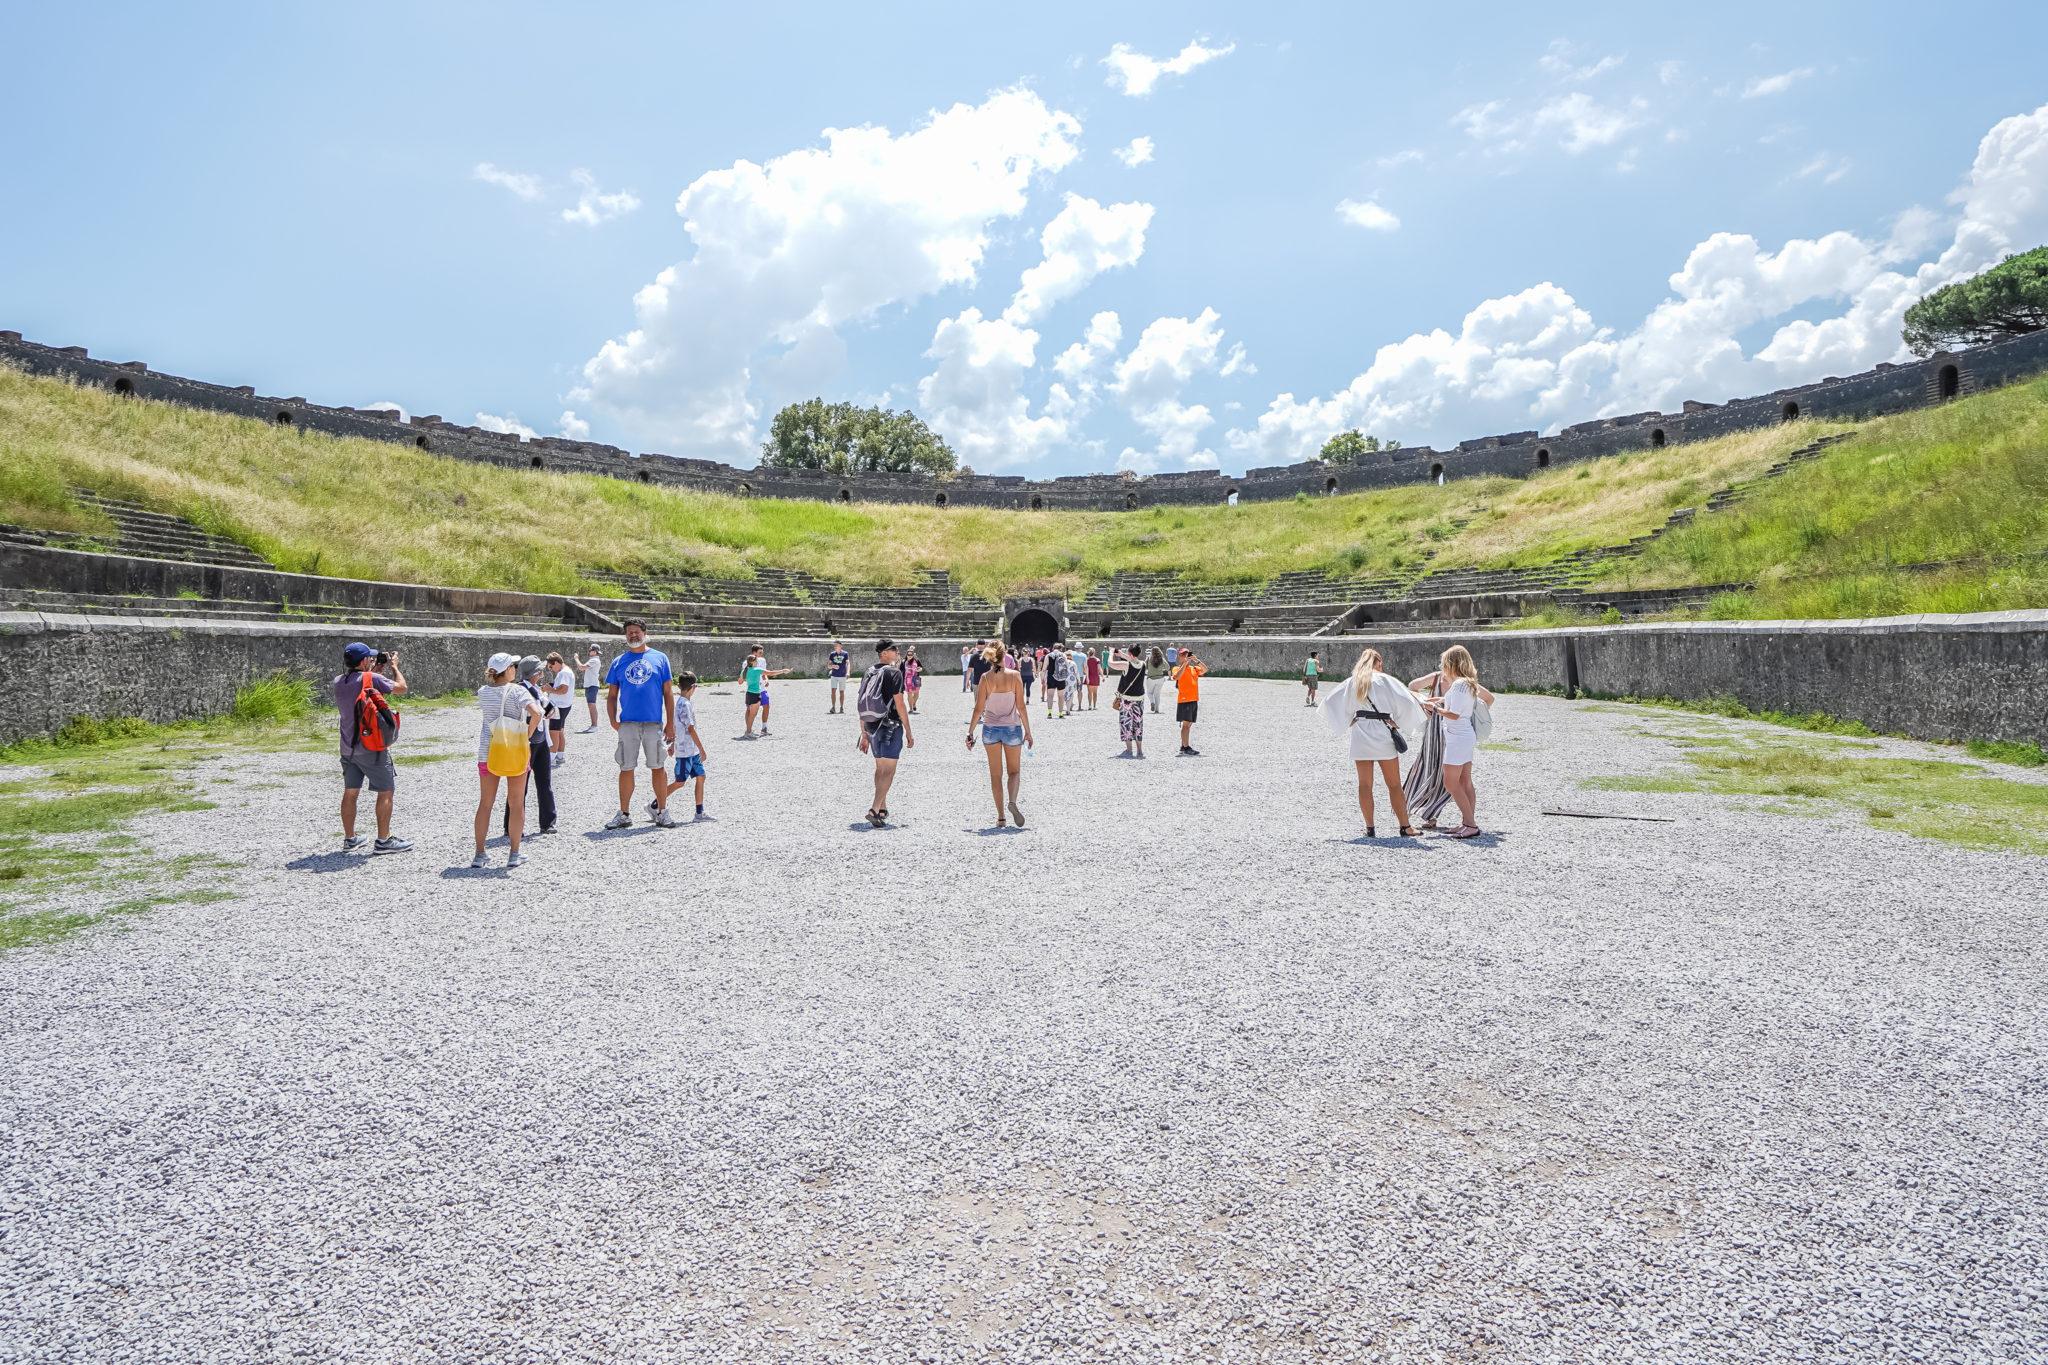 Visite-pompei-comment-amphitheatre-ruines